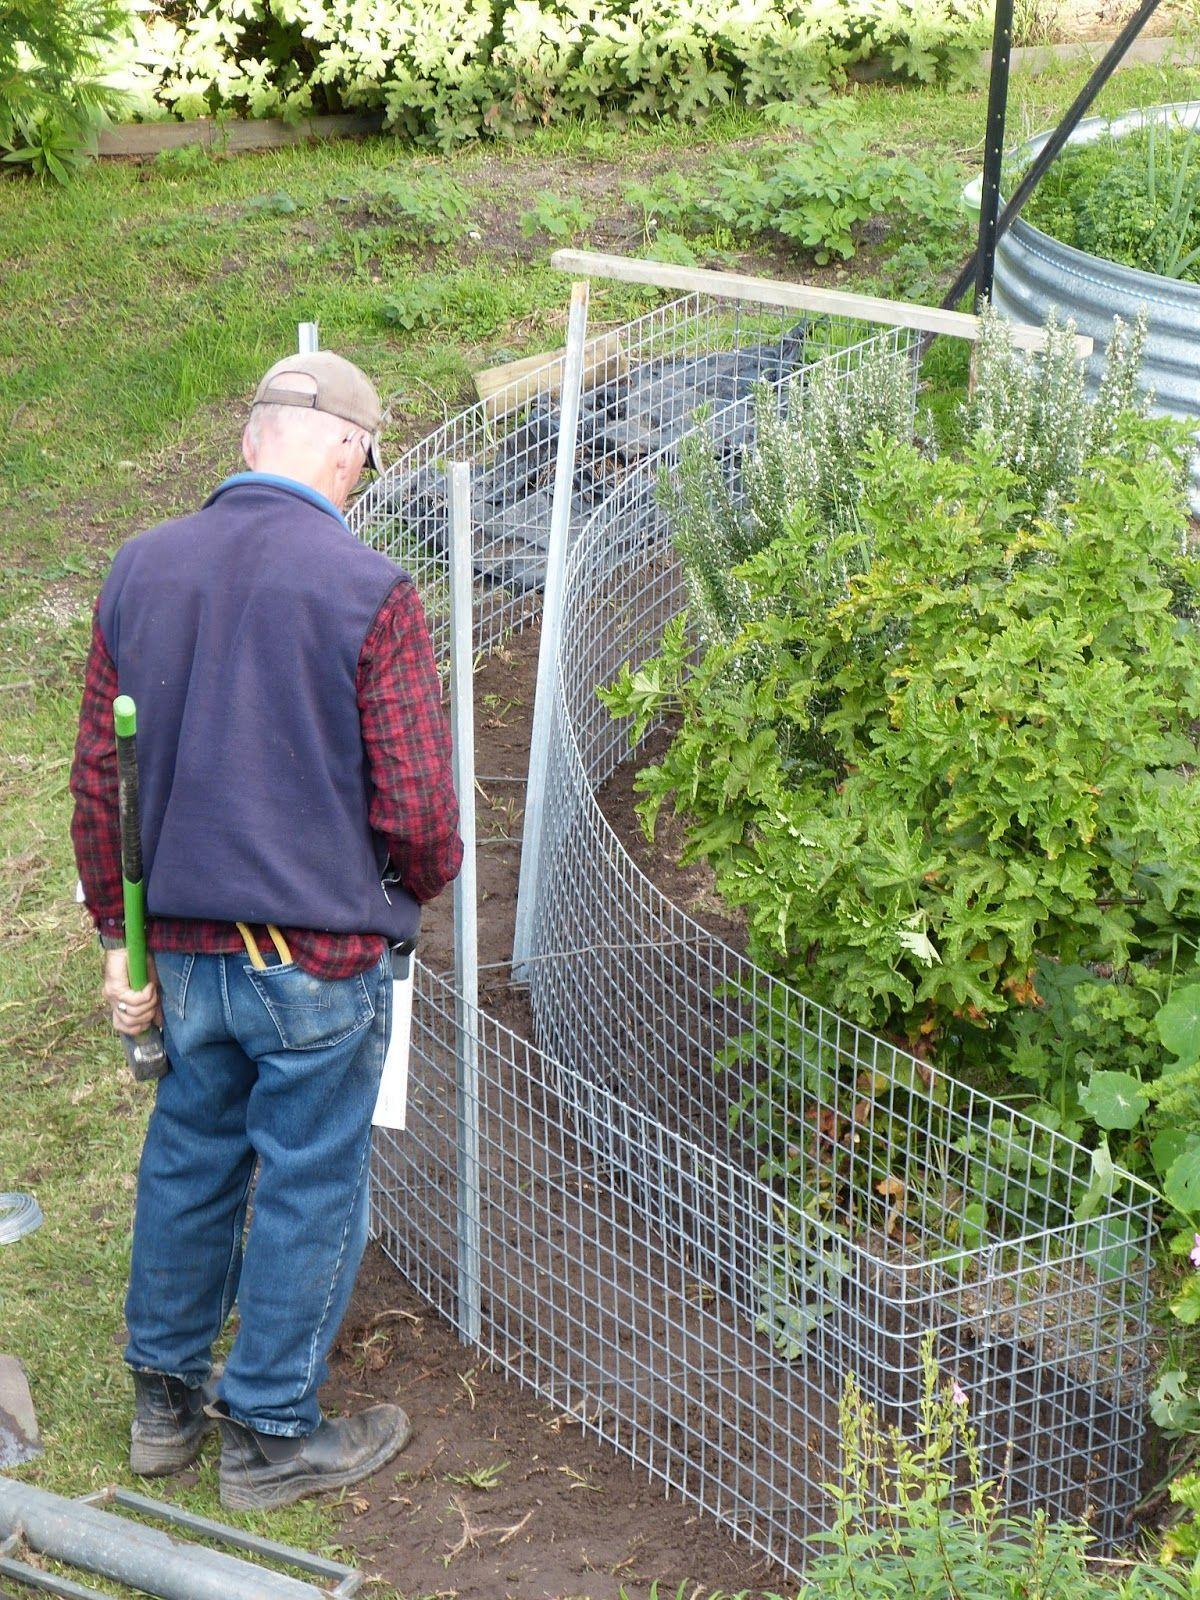 Muro de protecci n o divisi n de ambientes en el jardin o for Muro de separacion terraza